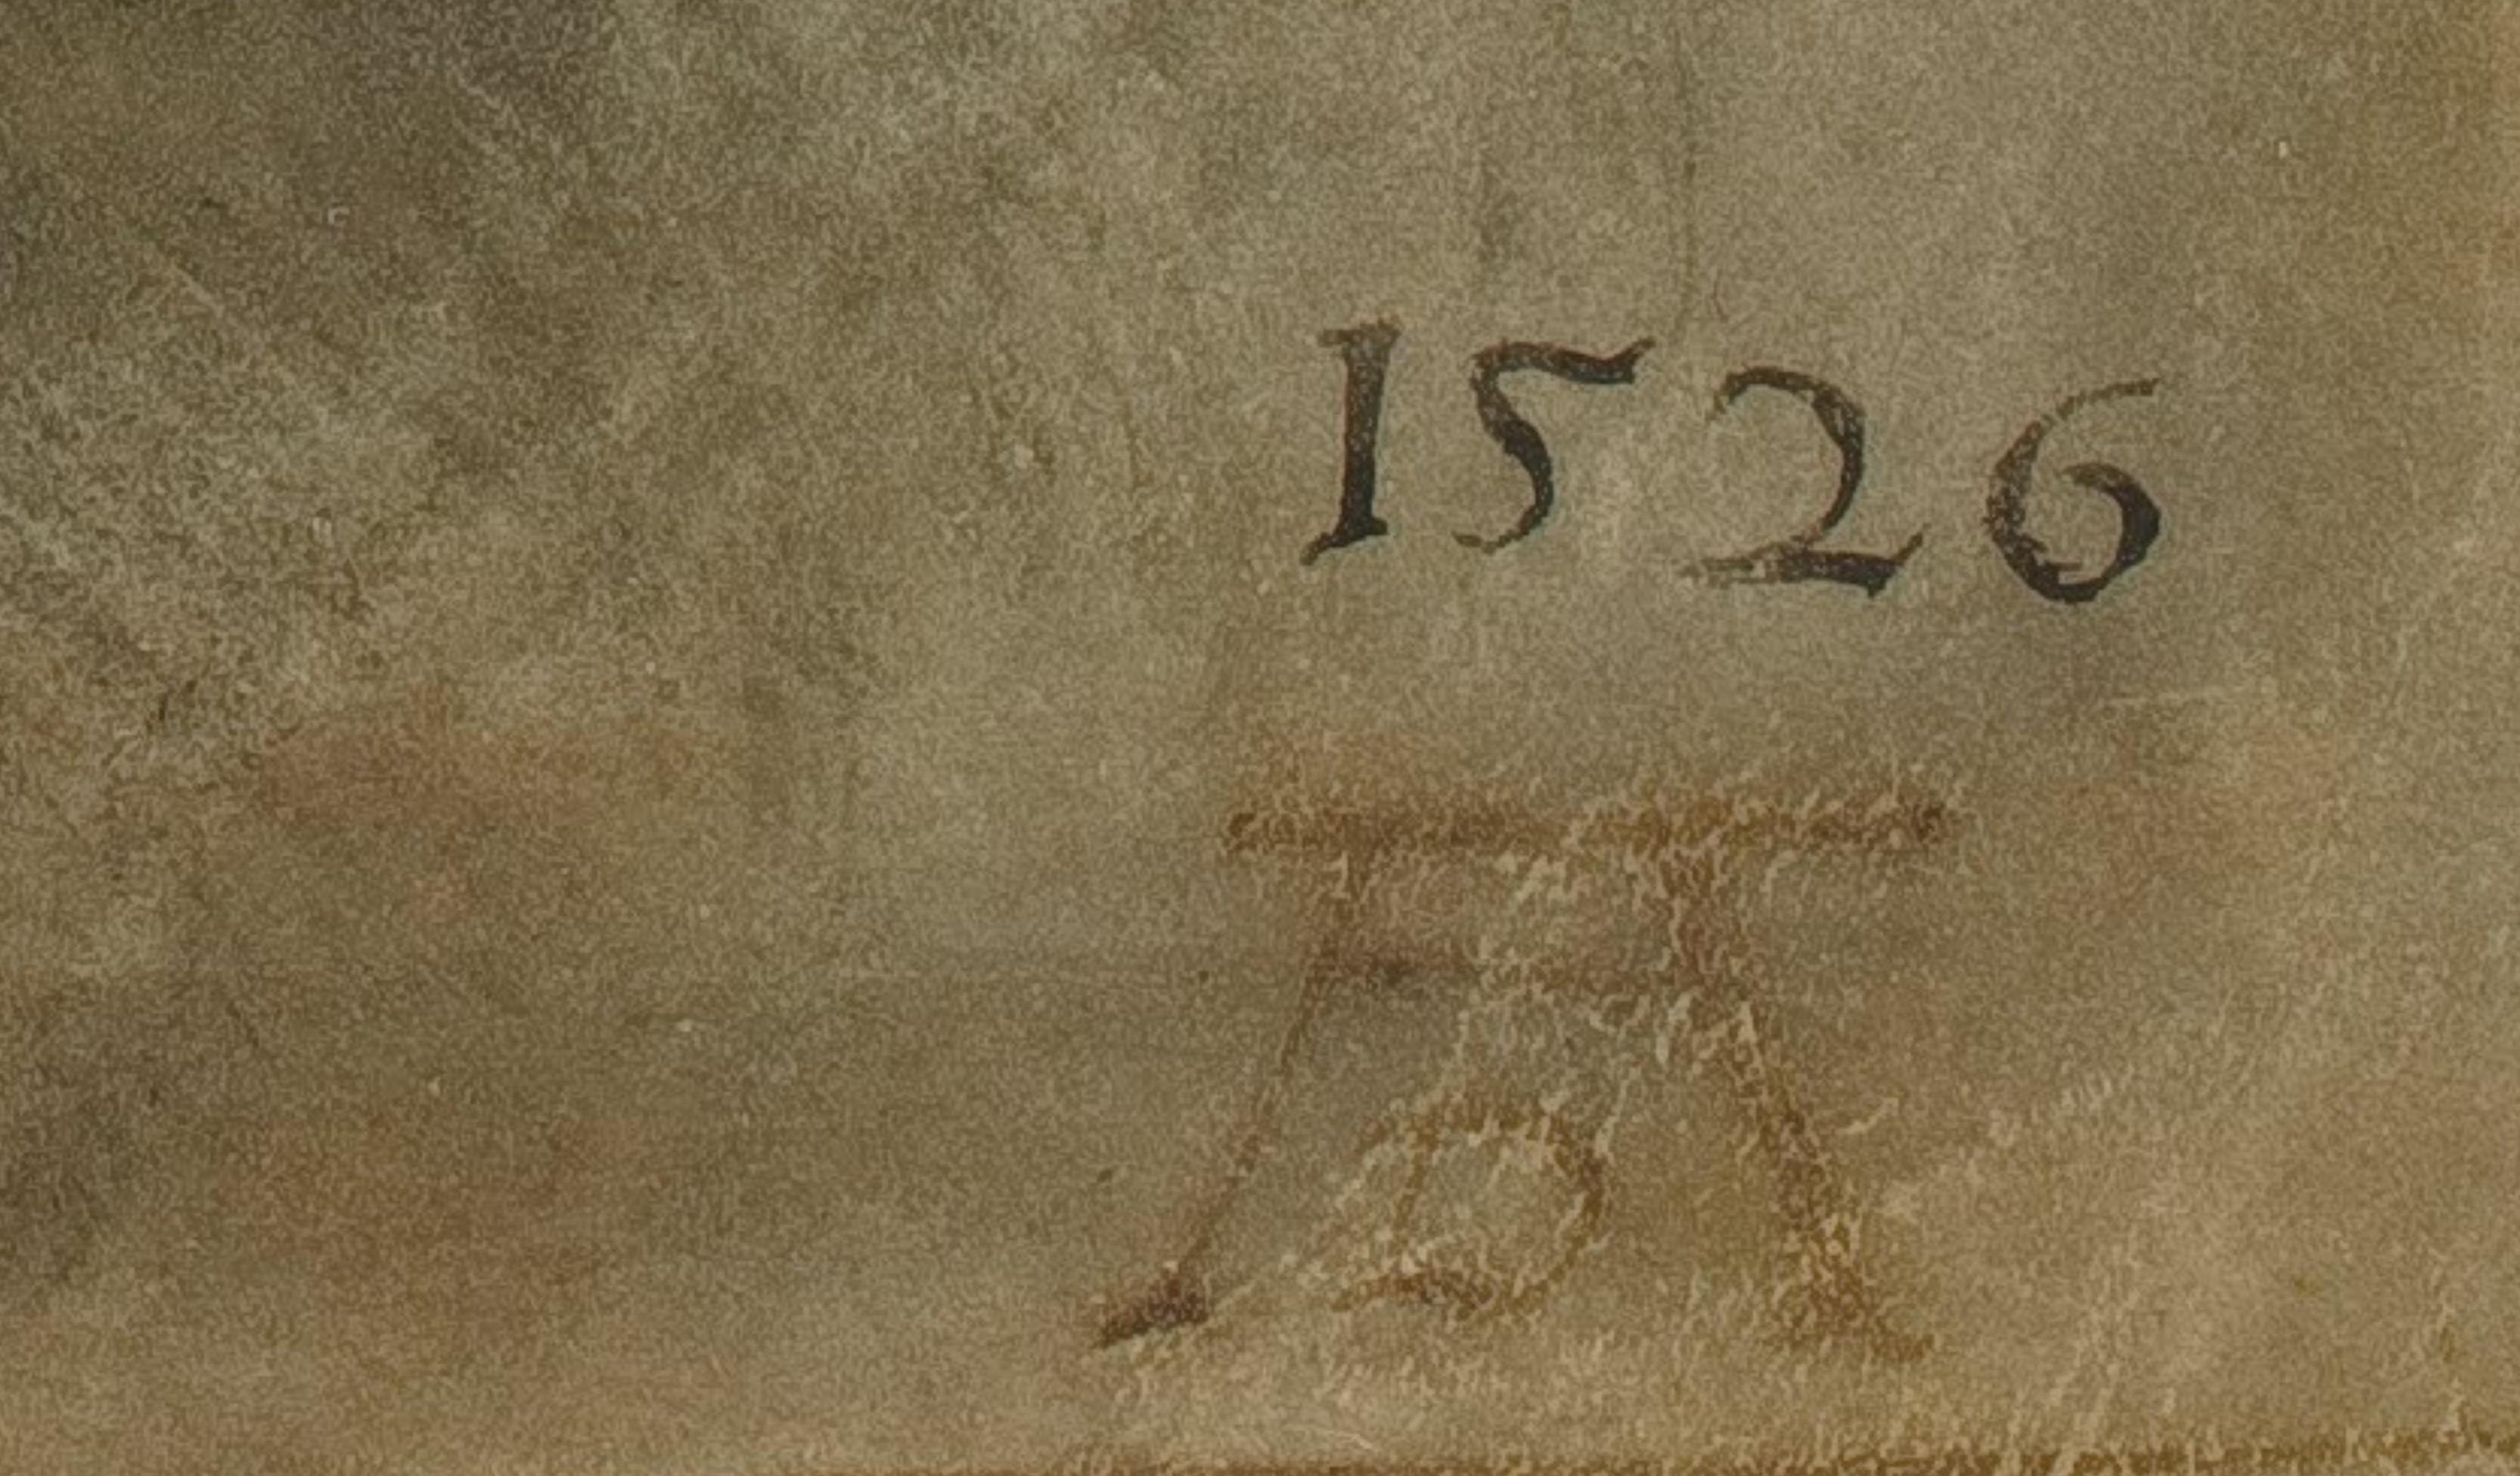 12Screenshot_2018-11-25 Albrecht_Dürer_-_Tuft_of_Cowslips_-_Google_Art_Project jpg (JPEG Image, 3574 × 4145 pixels)